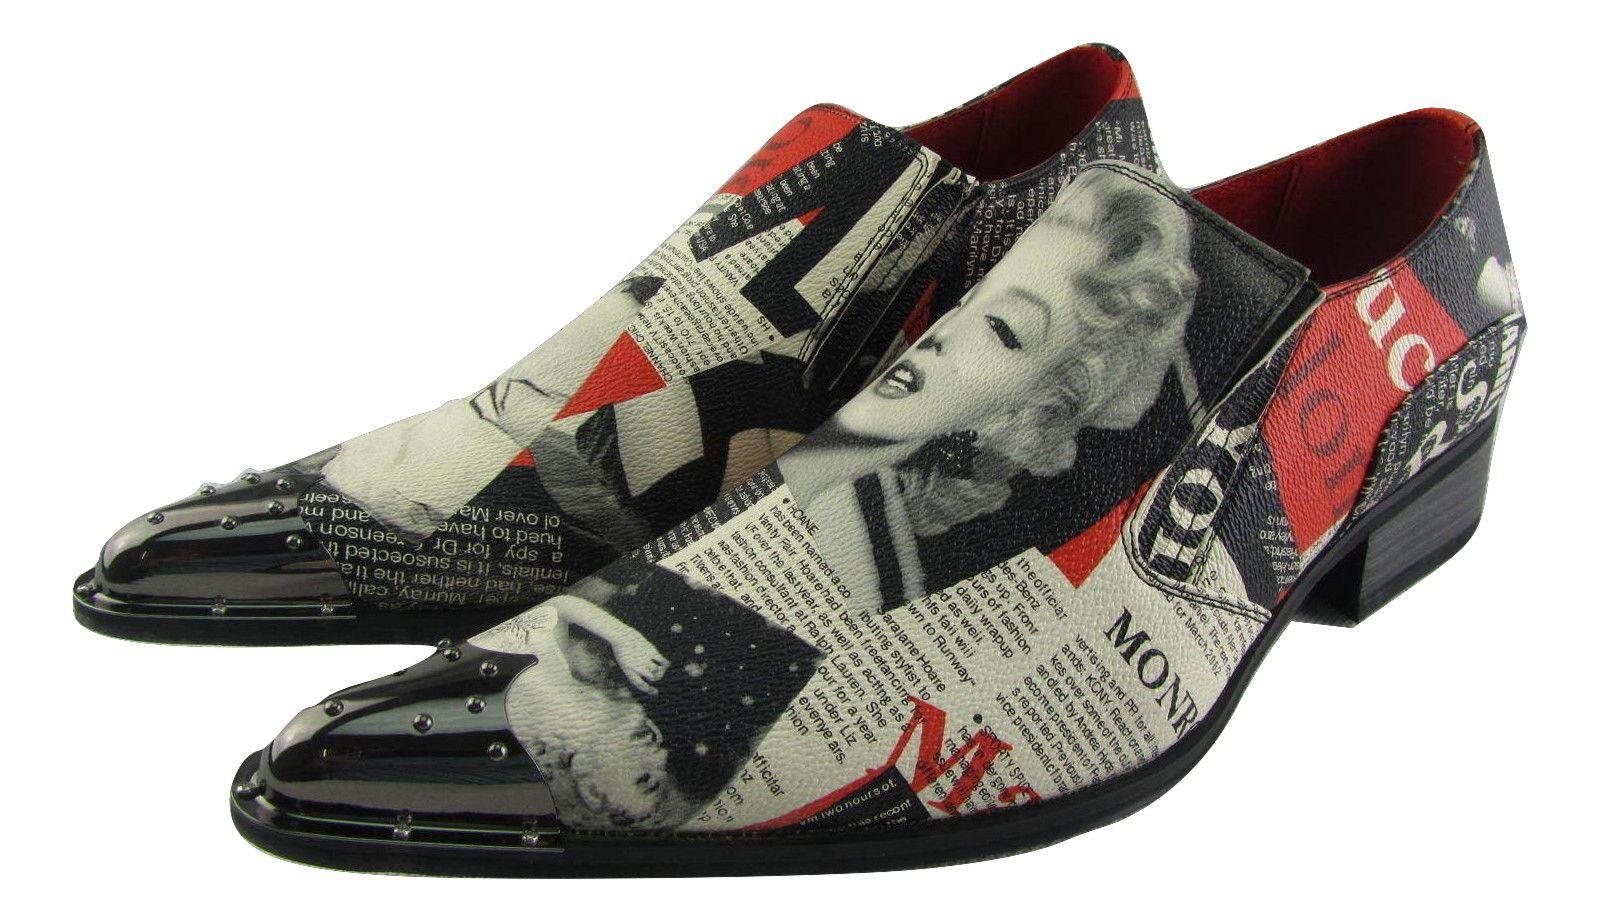 NUOVO Rossellini Marilyn DA UOMO IN PELLE FODERATO Scarpe a Punta MULTICOLOR notizie Rock Scarpe classiche da uomo